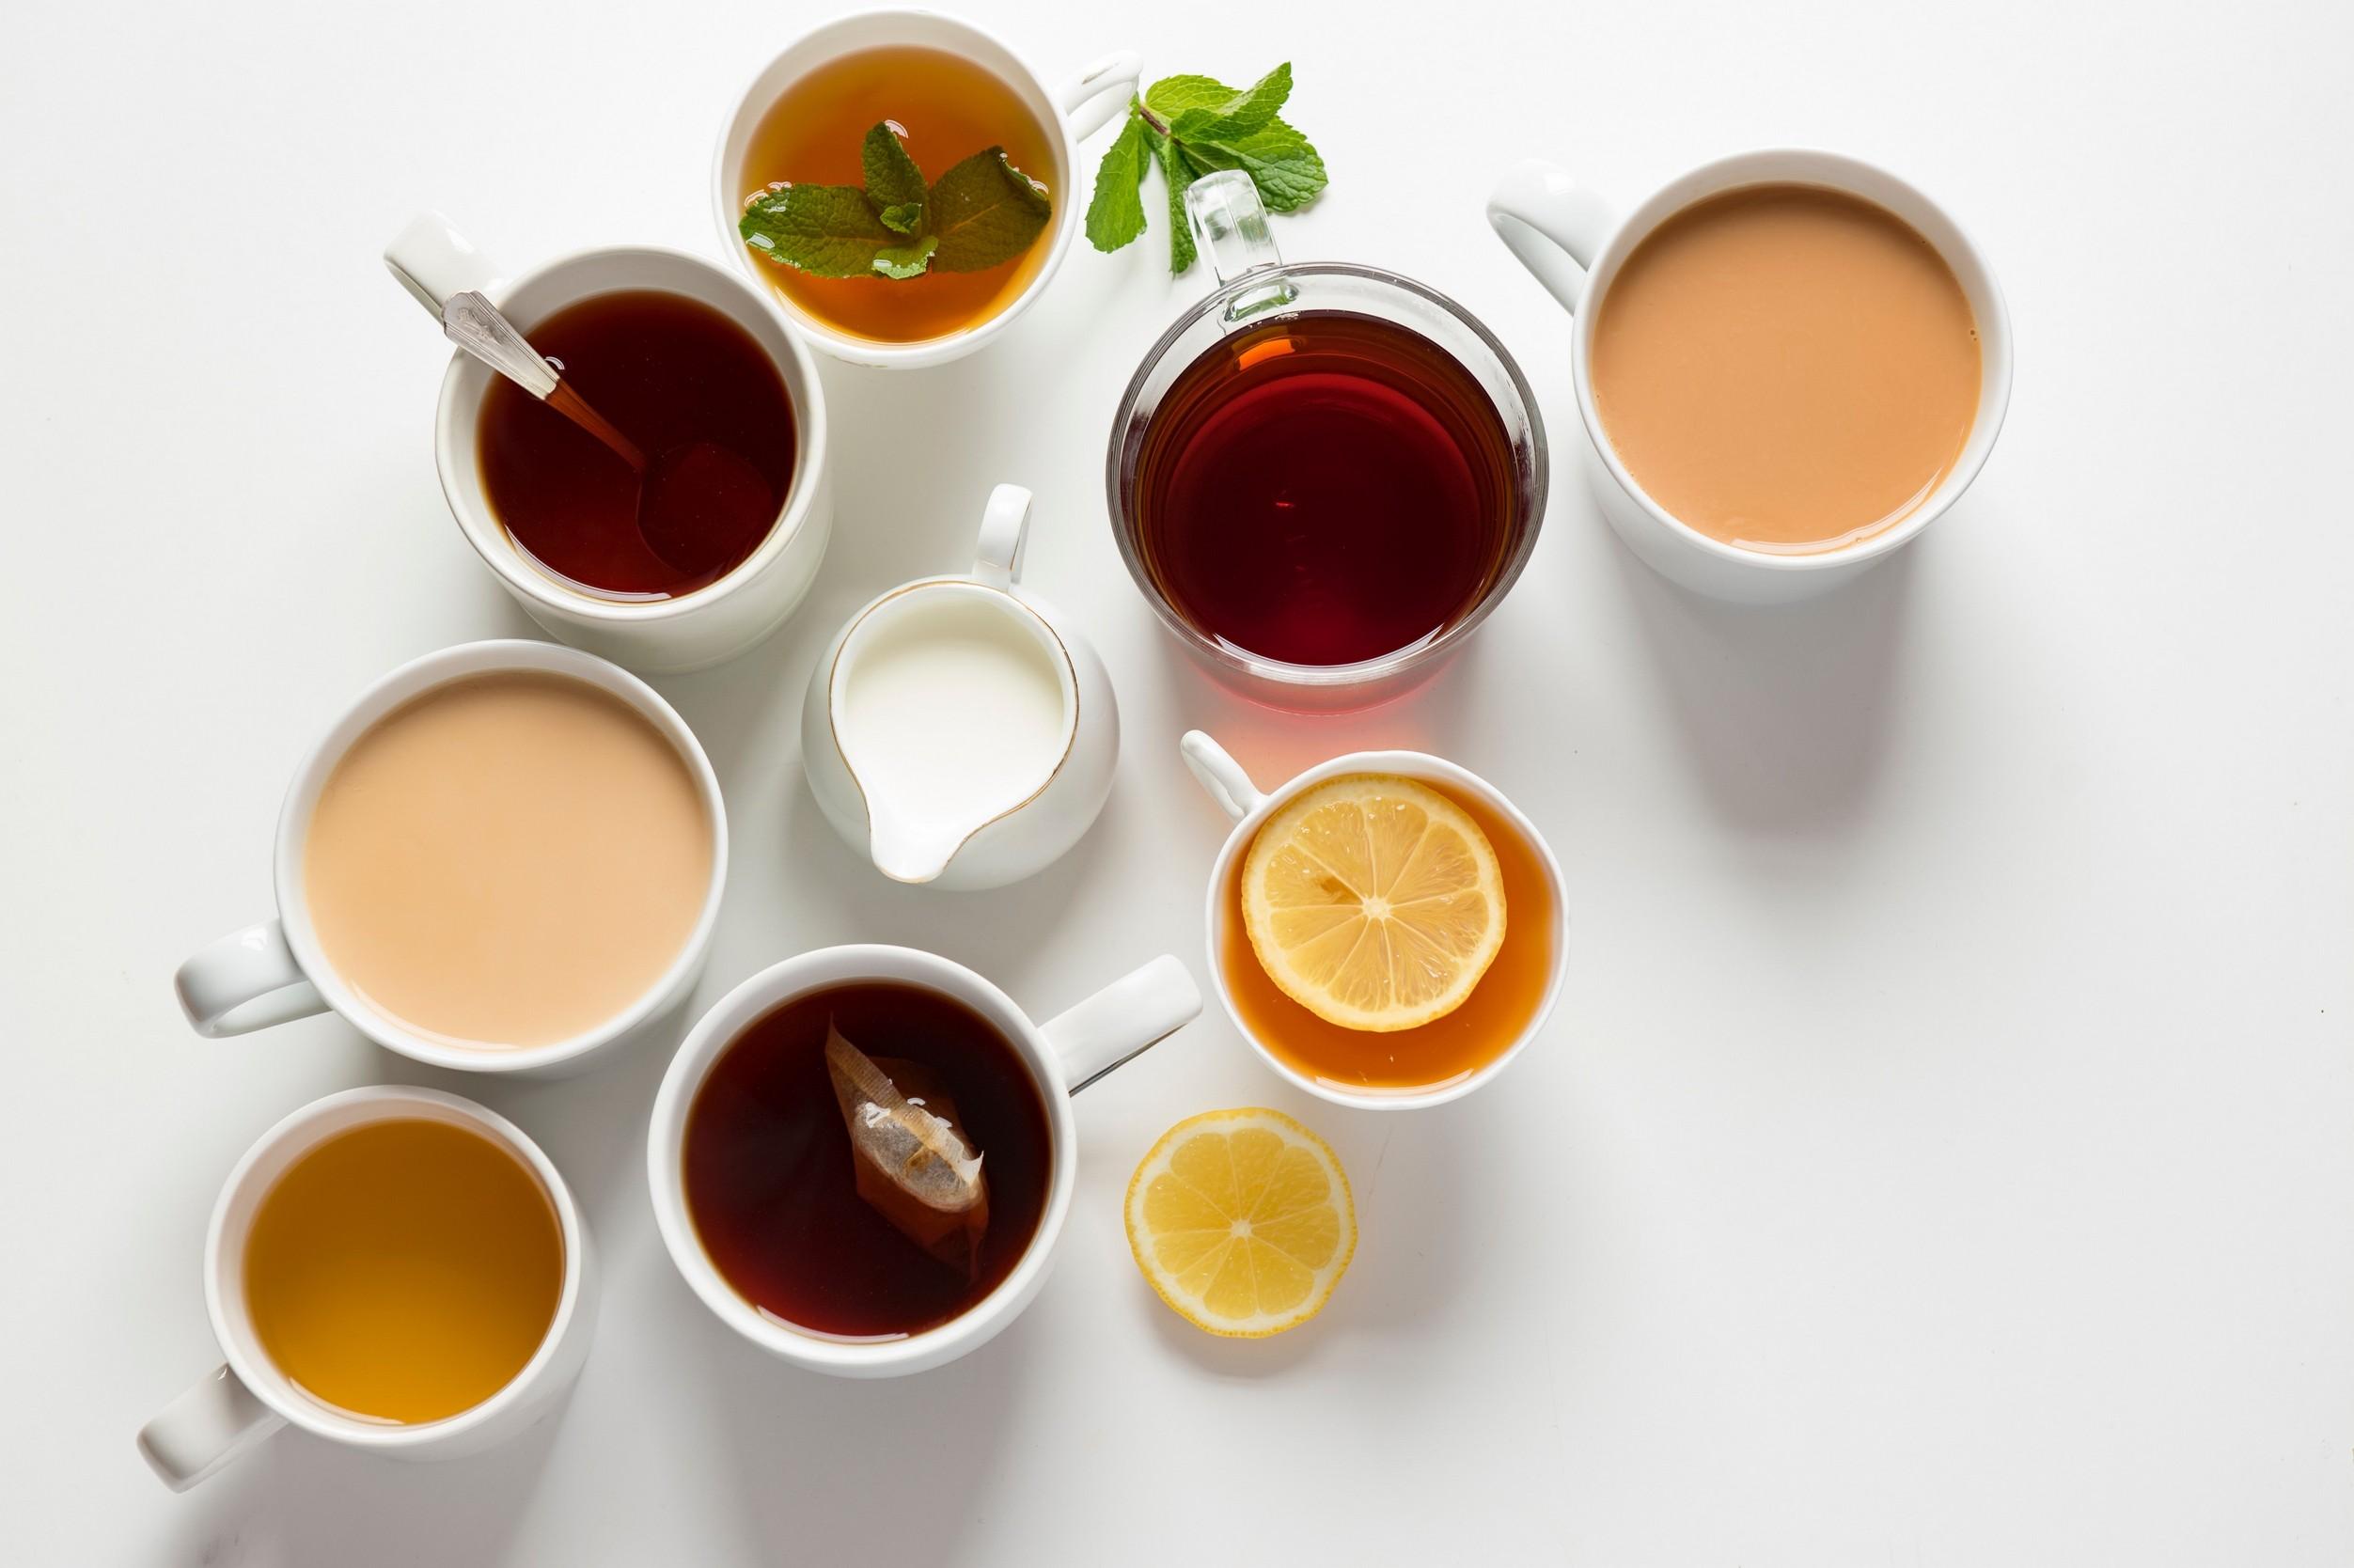 Ceai pentru slăbit | takemeshop.hu